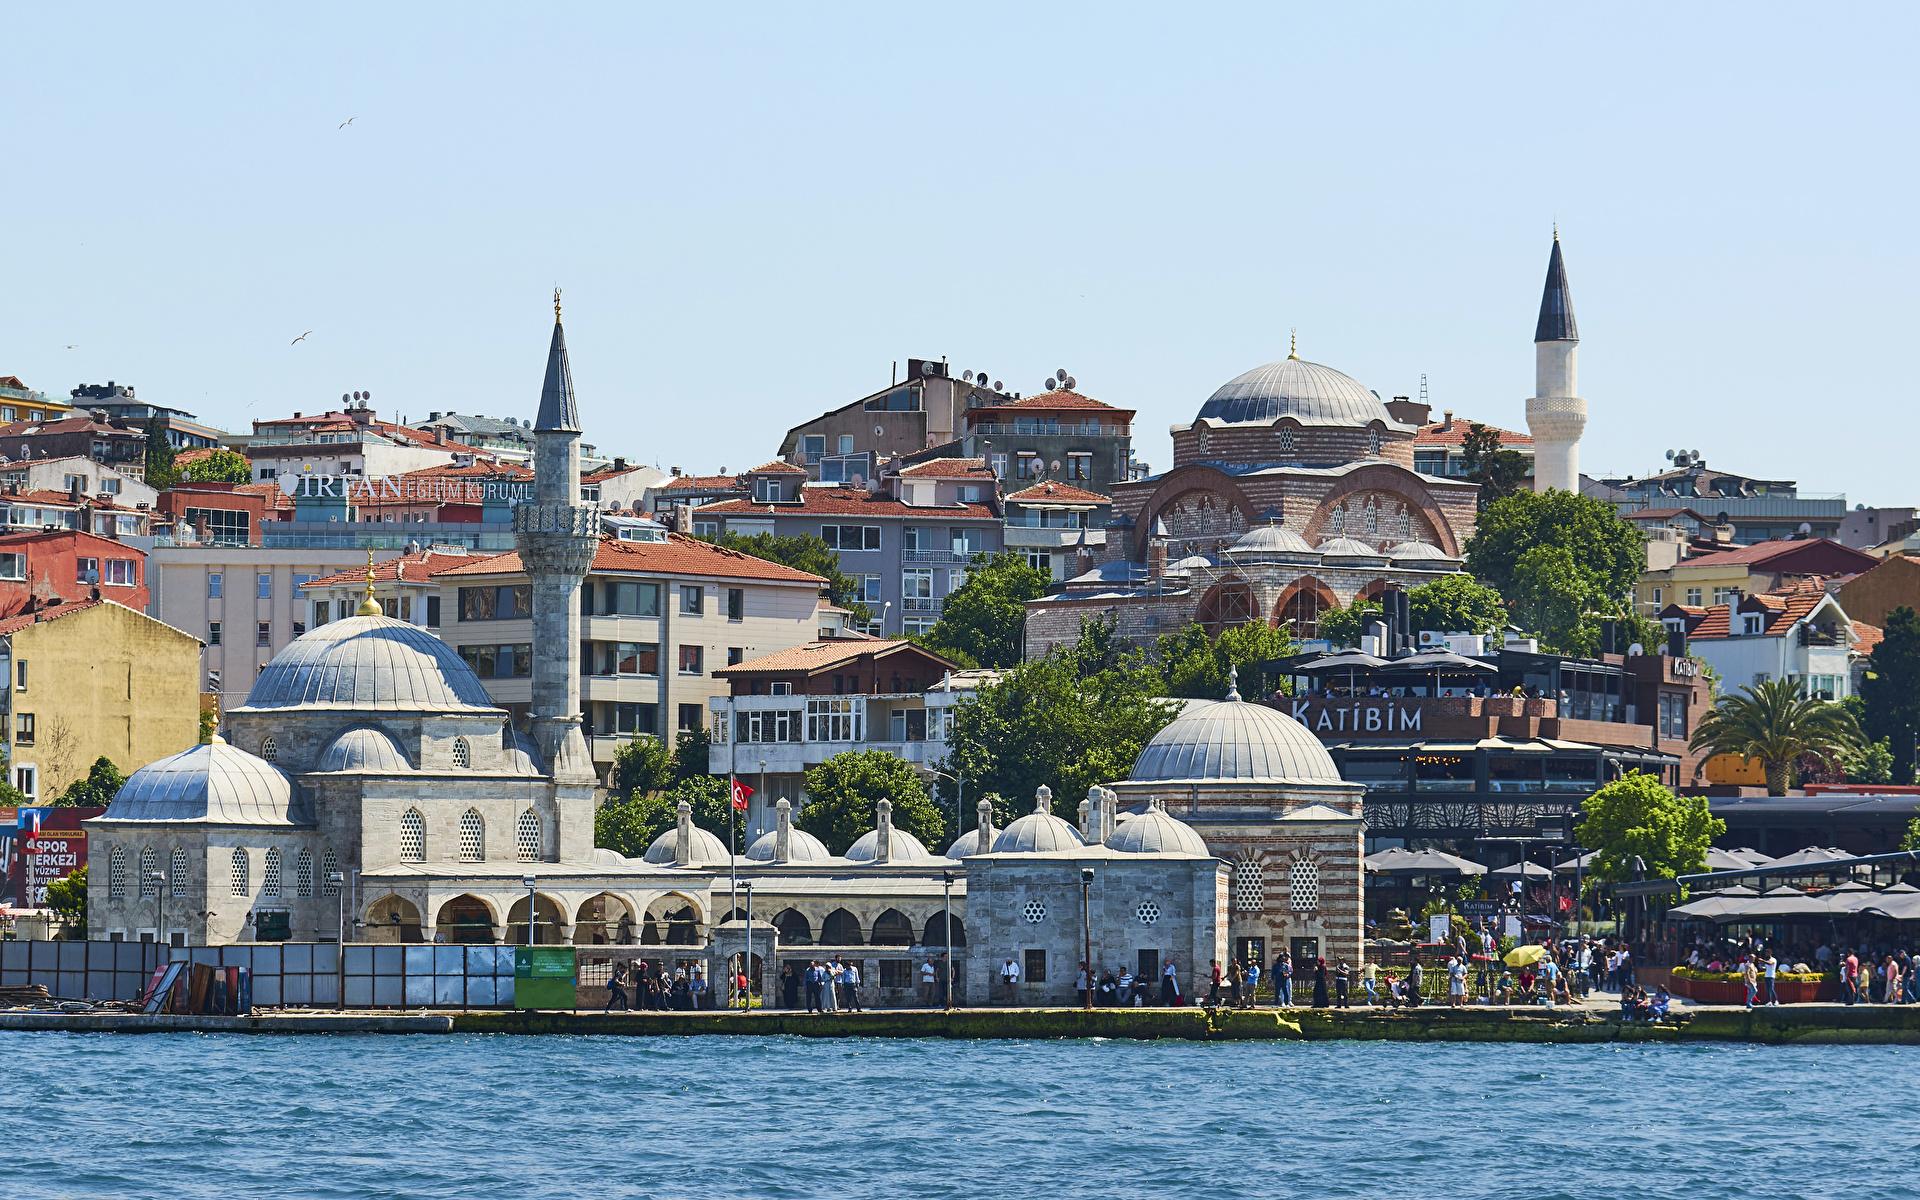 Bilder von Istanbul Türkei Küste Städte Gebäude 1920x1200 Haus